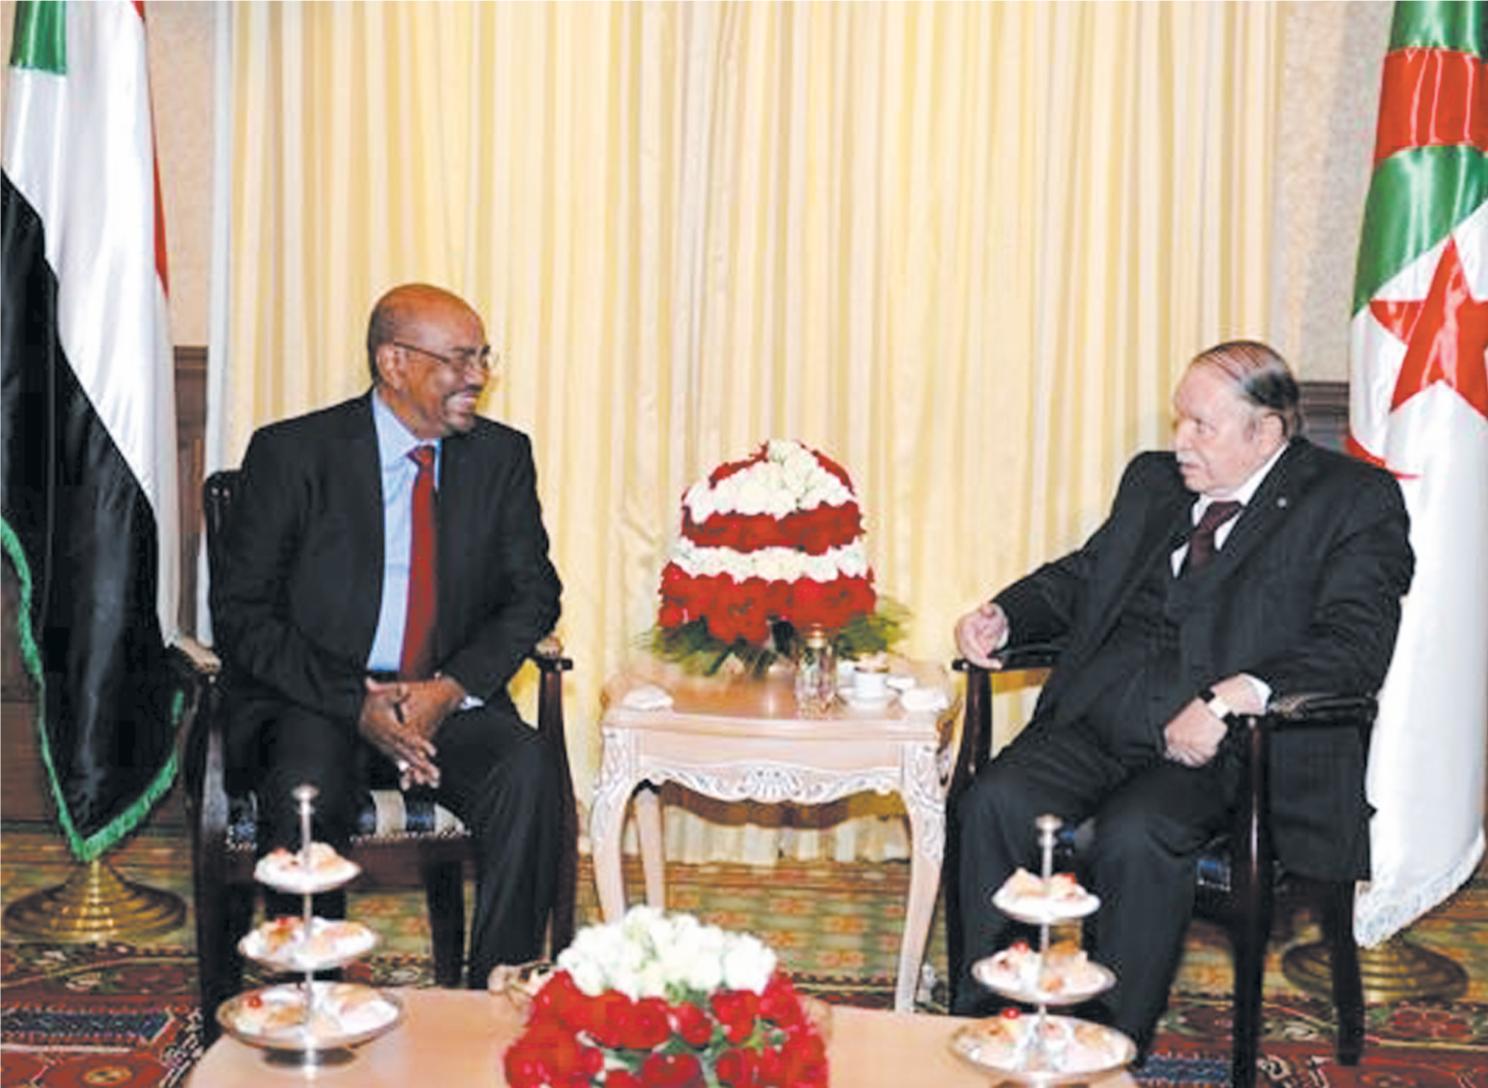 Les relations  diplomatiques  de l'Algérie avec les pays qui  soutiennent  le terrorisme